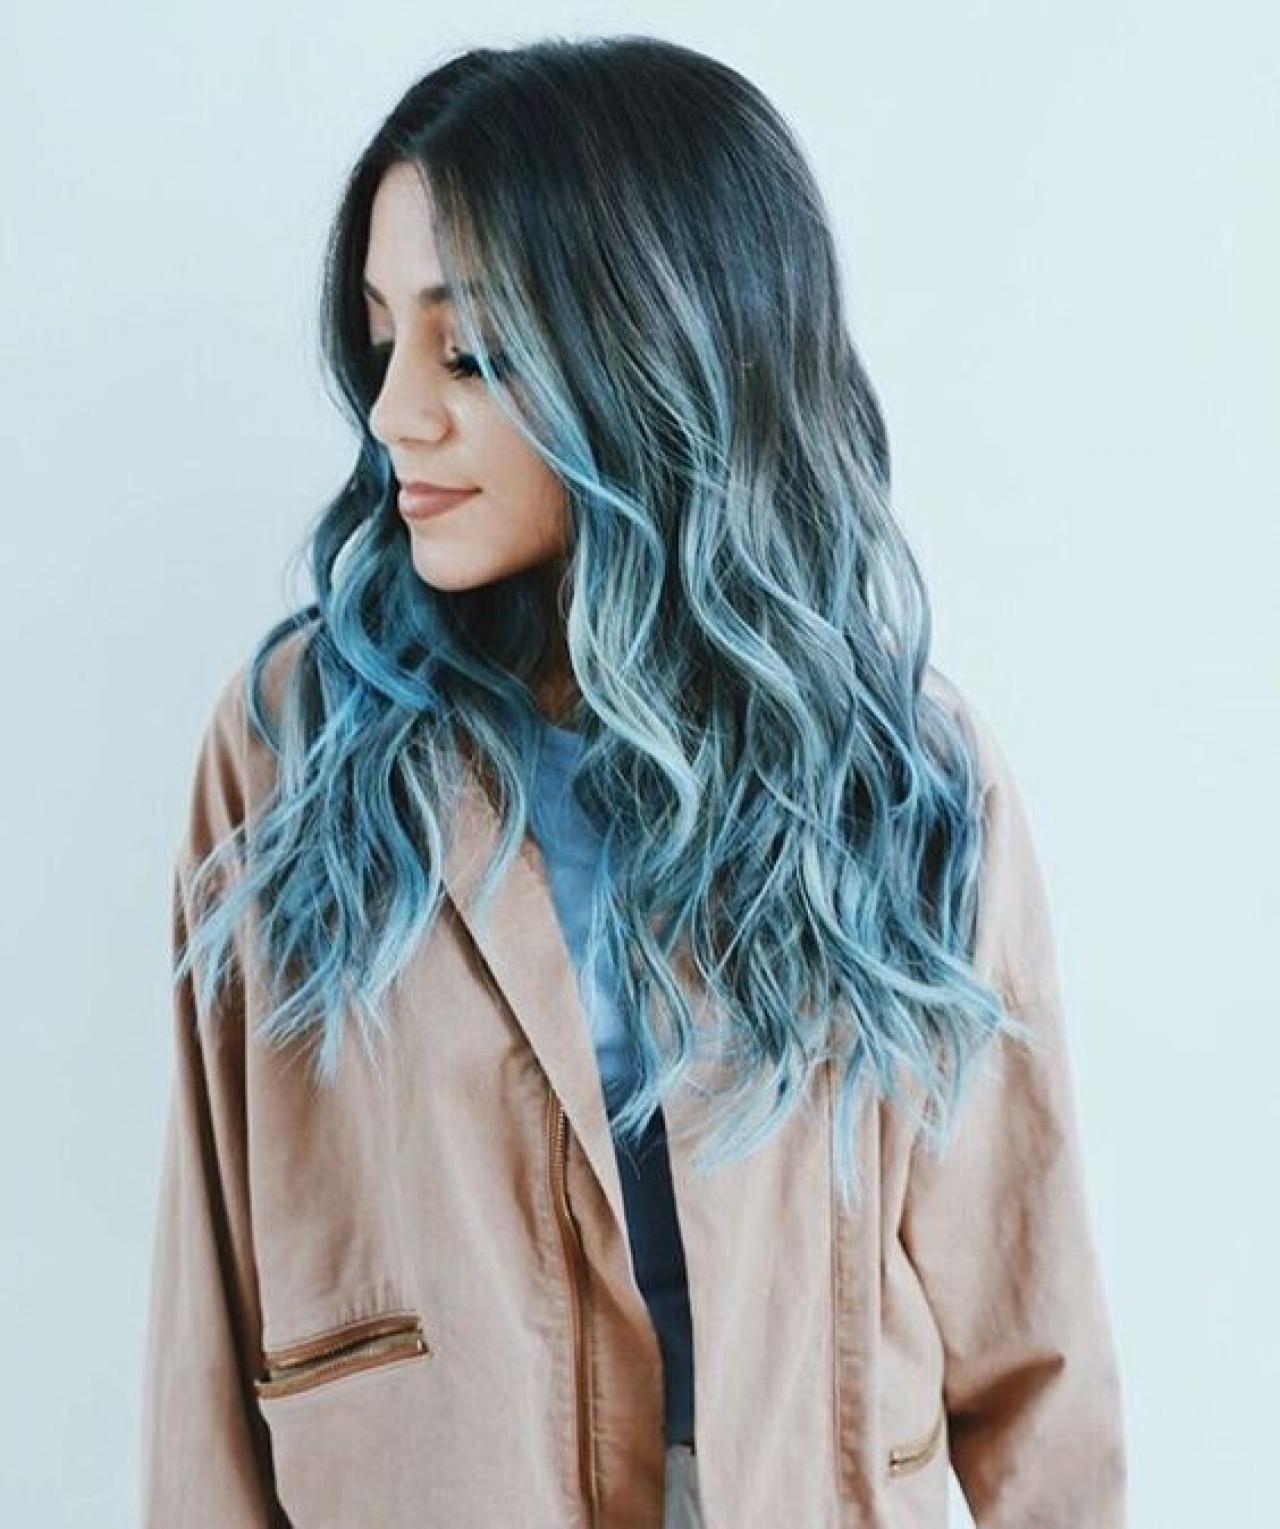 Blue Ombre Hair Dengan Gambar Gaya Rambut Rambut Dan Kecantikan Rambut